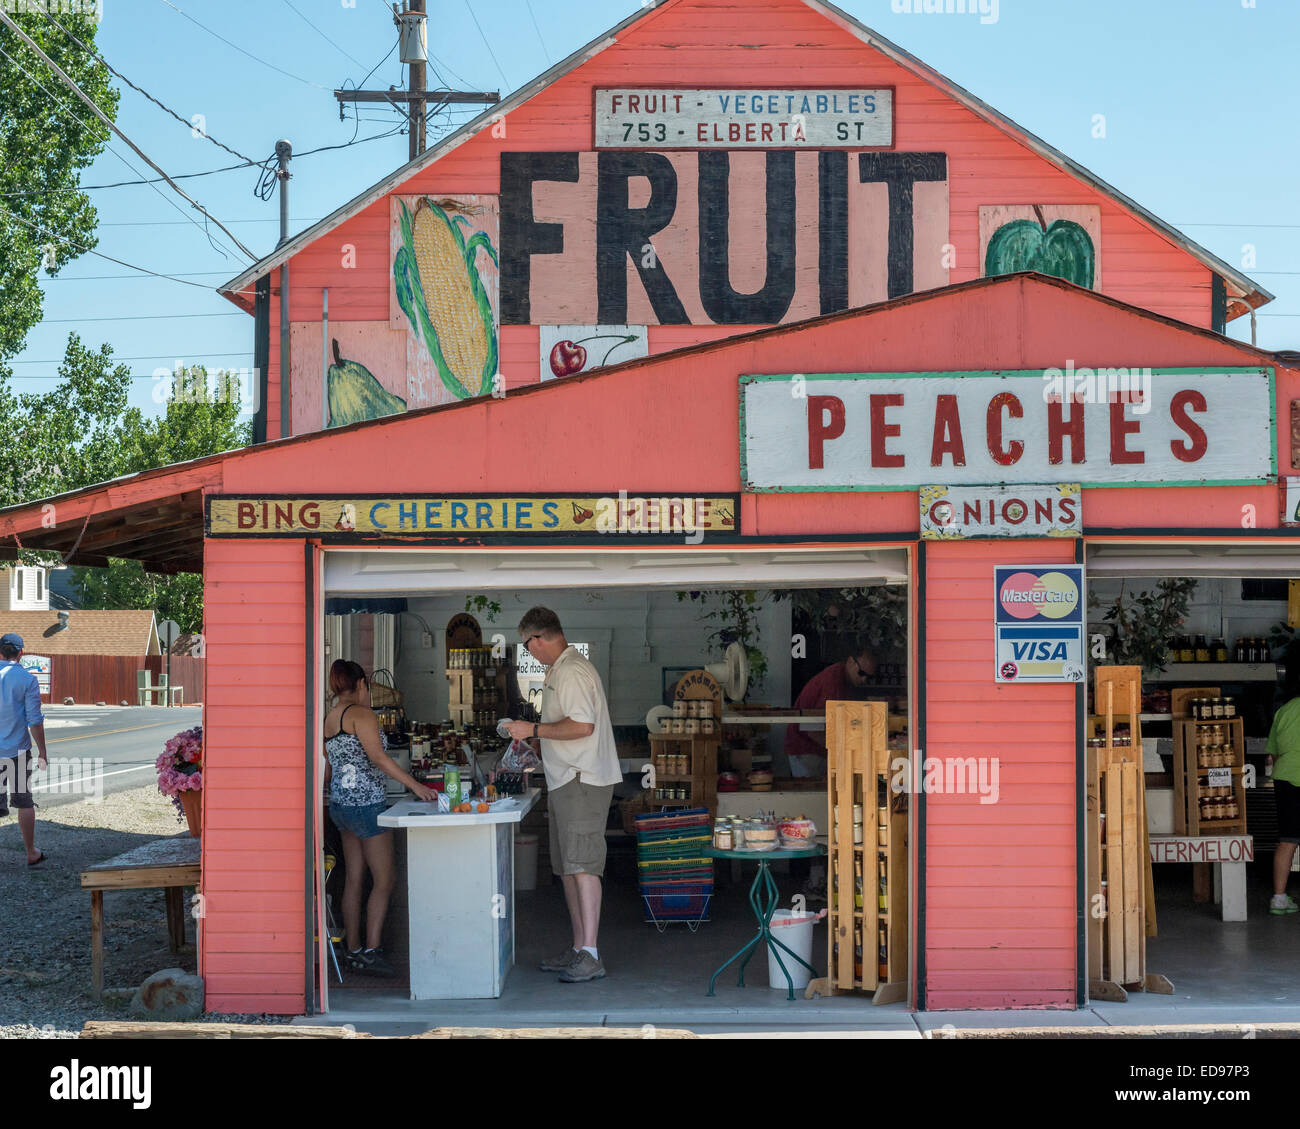 Herman frutta e verdura shop. Palizzata. Nuovo Messico. Stati Uniti d'America Immagini Stock